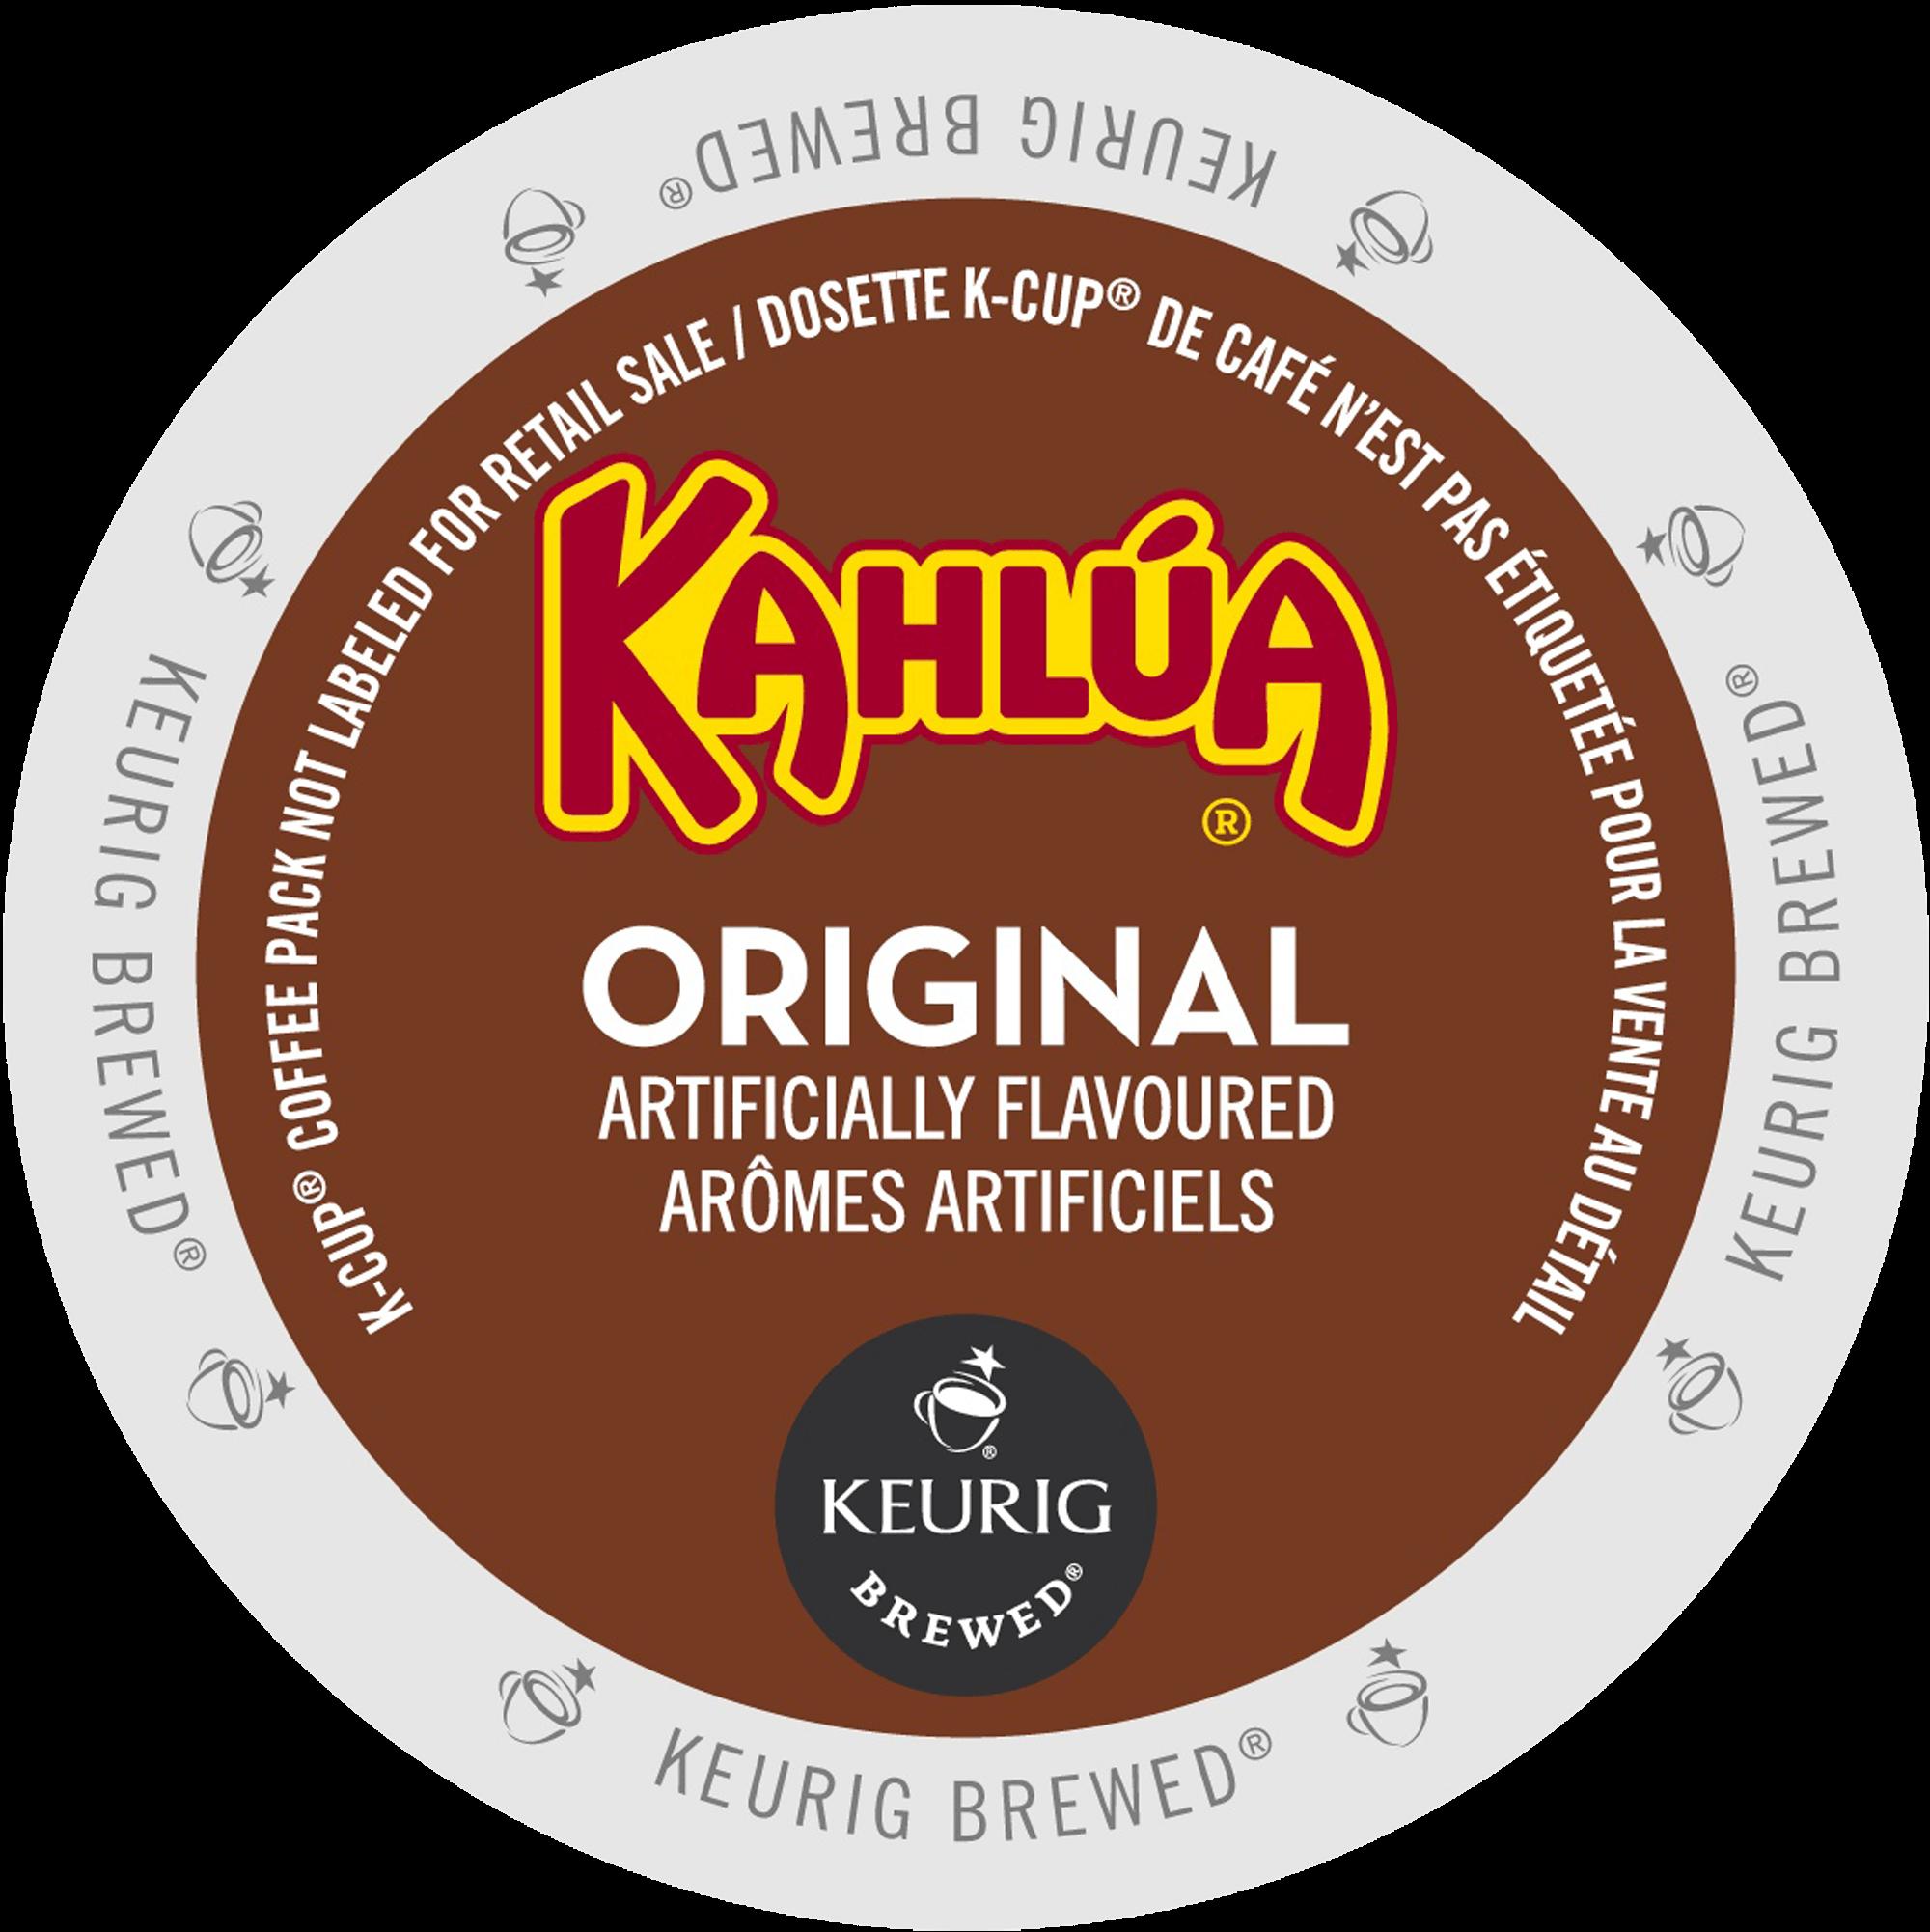 kahlua-original-coffee-kahlua-k-cup_ca_general